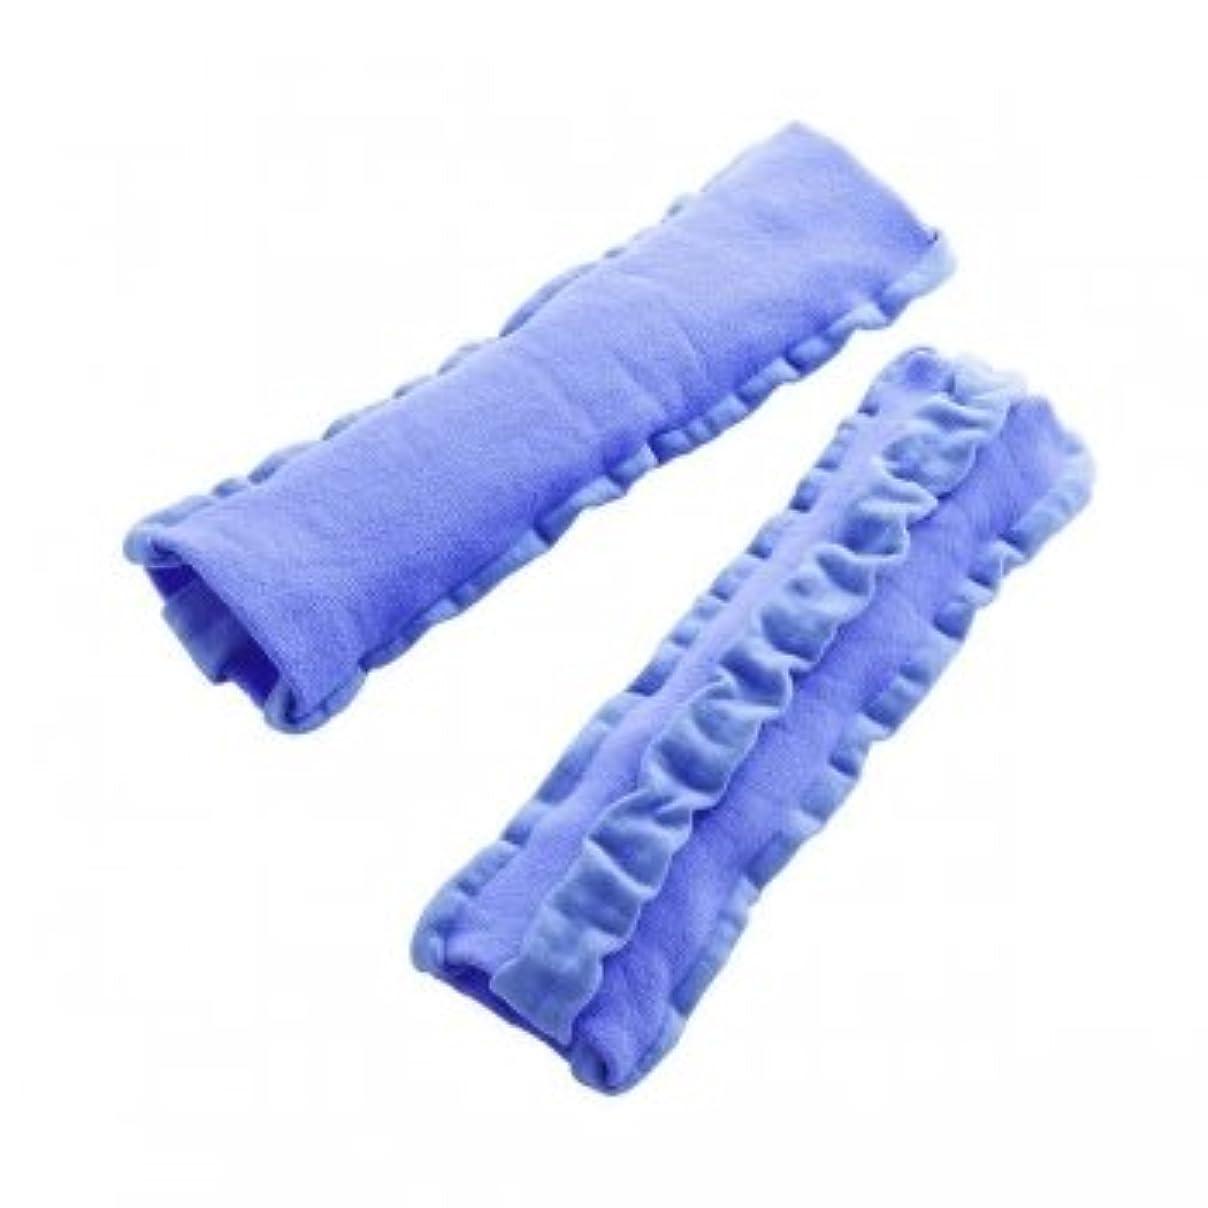 桁ラジカル憂鬱なゴム糸を一切使わない特殊なベアー編みで作られた、ふくらはぎ用着圧サポーター。 3本の弱圧ラインと、その間にある強圧ラインとが組み合わさった強弱マッサージライン。 弱編みと強編みの組み合わせが、手もみマッサージをされている...